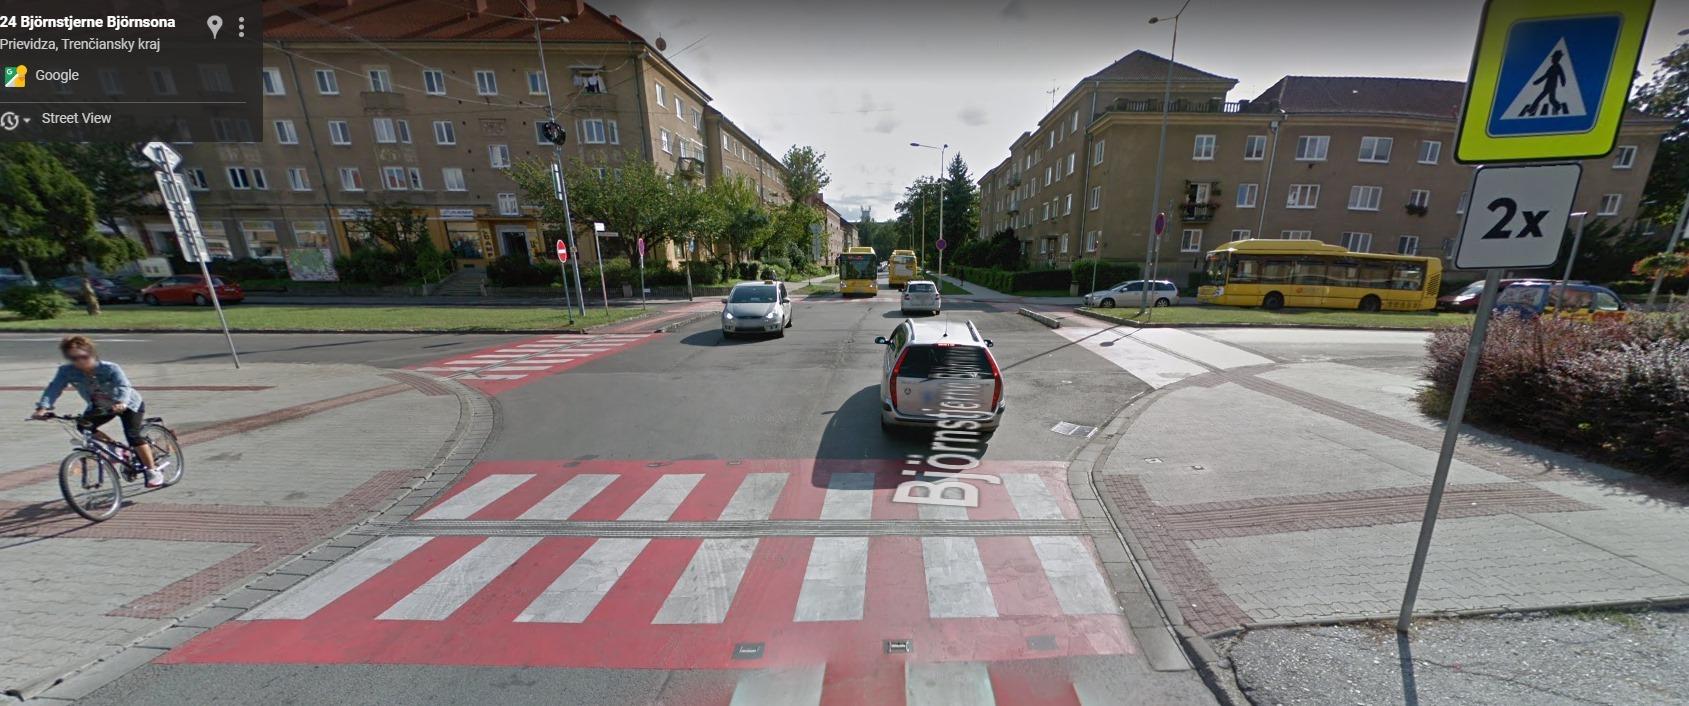 Návrh riešenia križovatky M. R. Štefánika — Björnsonova v Prievidzi